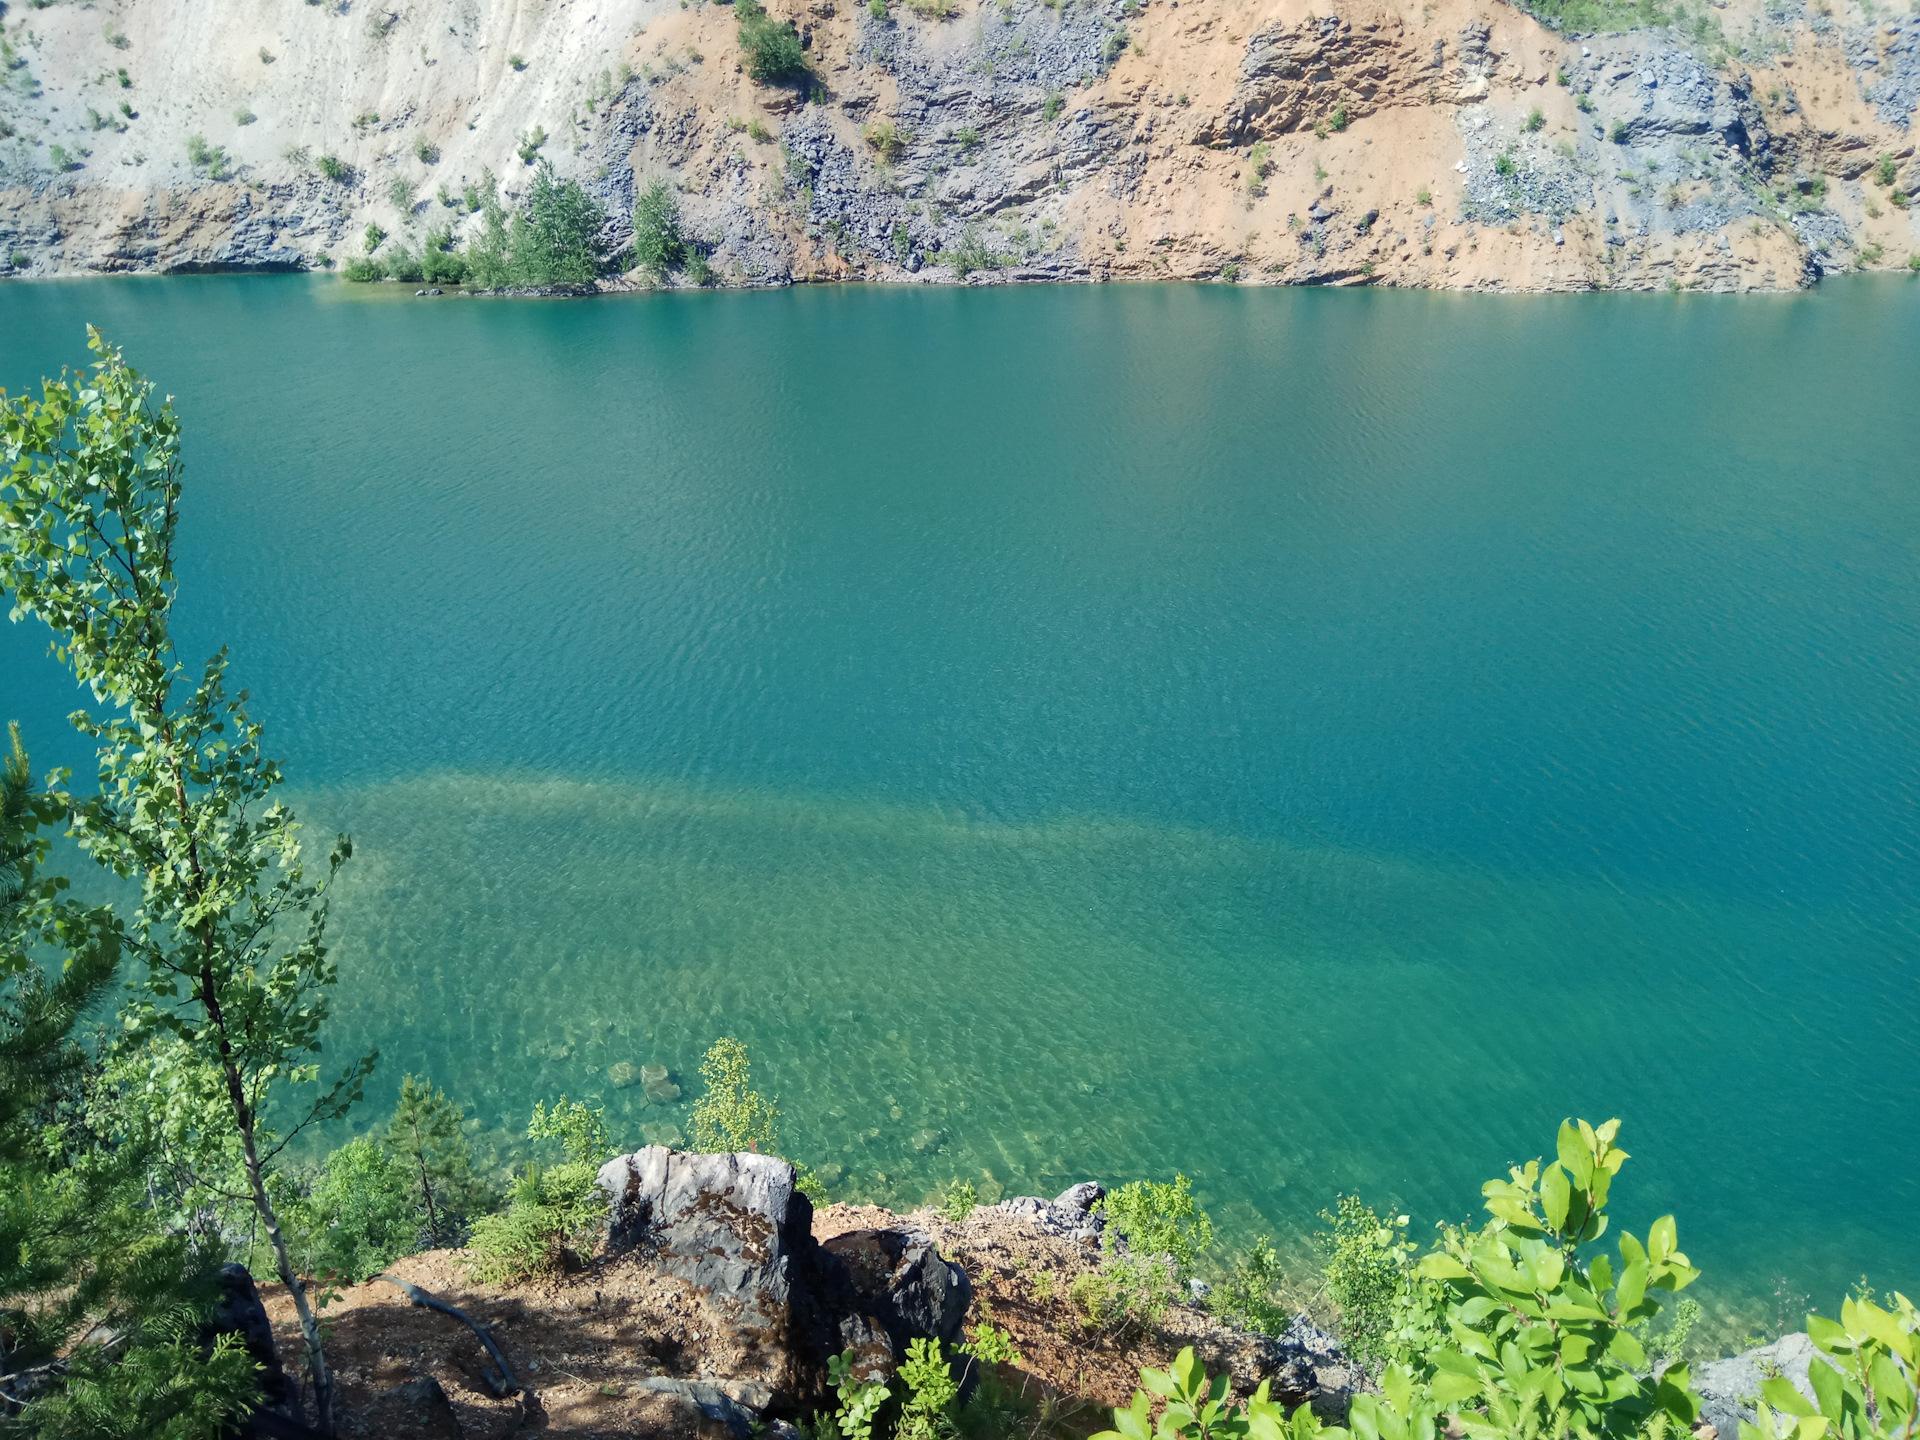 любом голубое озеро в краснодаре фото его снять больше